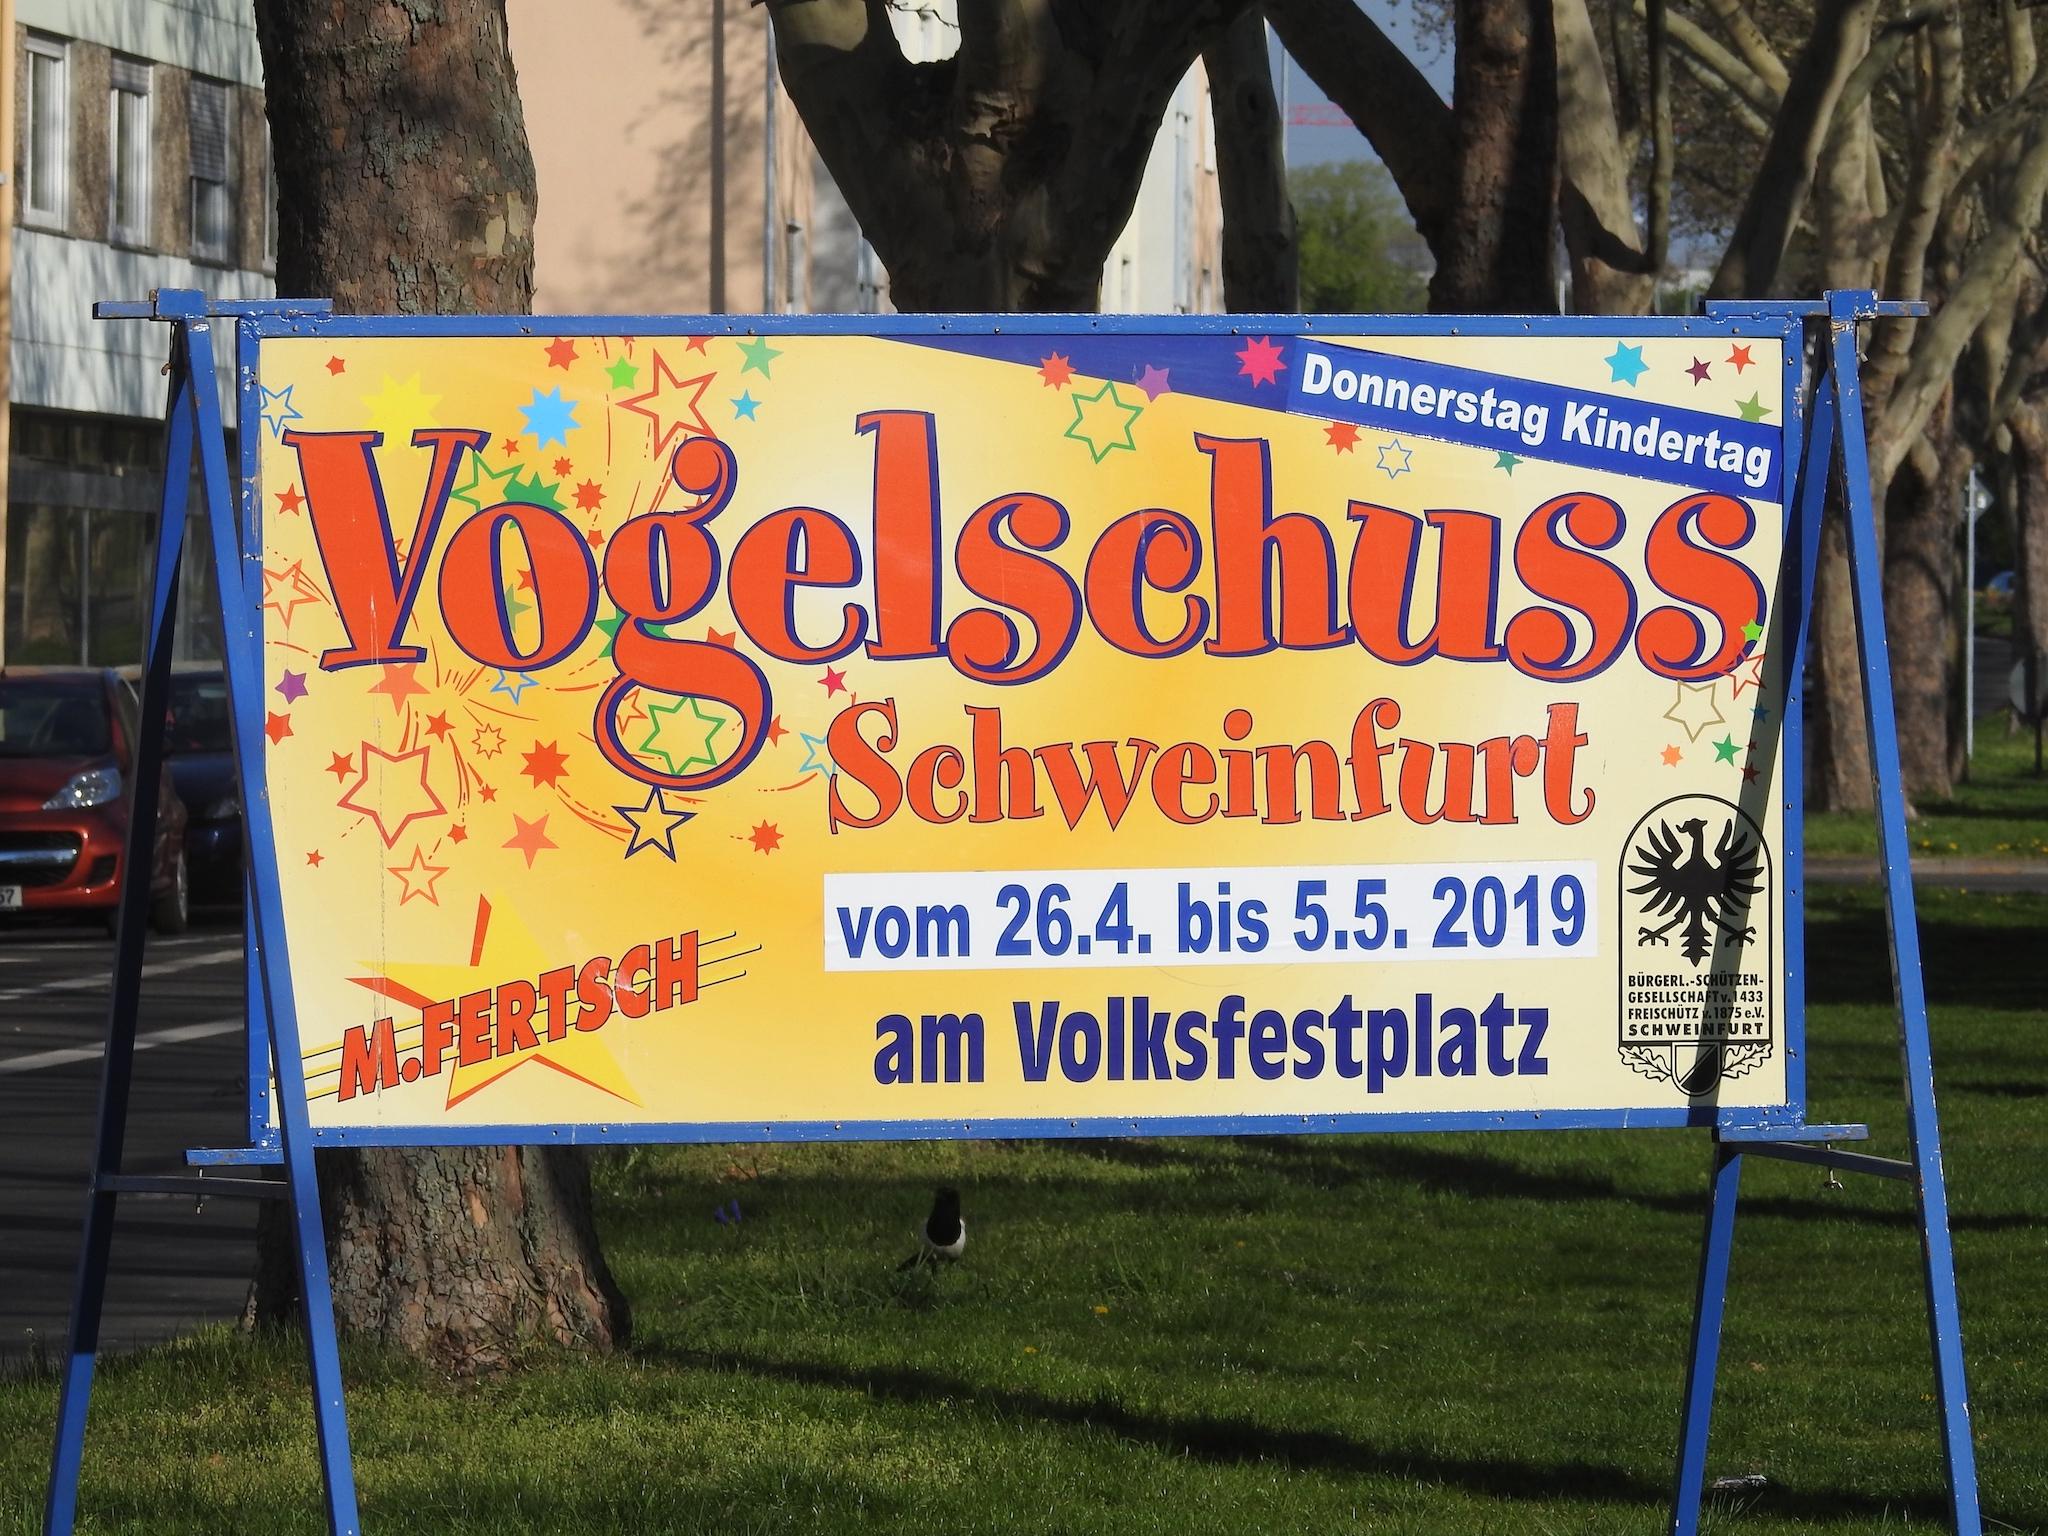 Vogelschuss 2019. Foto: Dirk Flieger